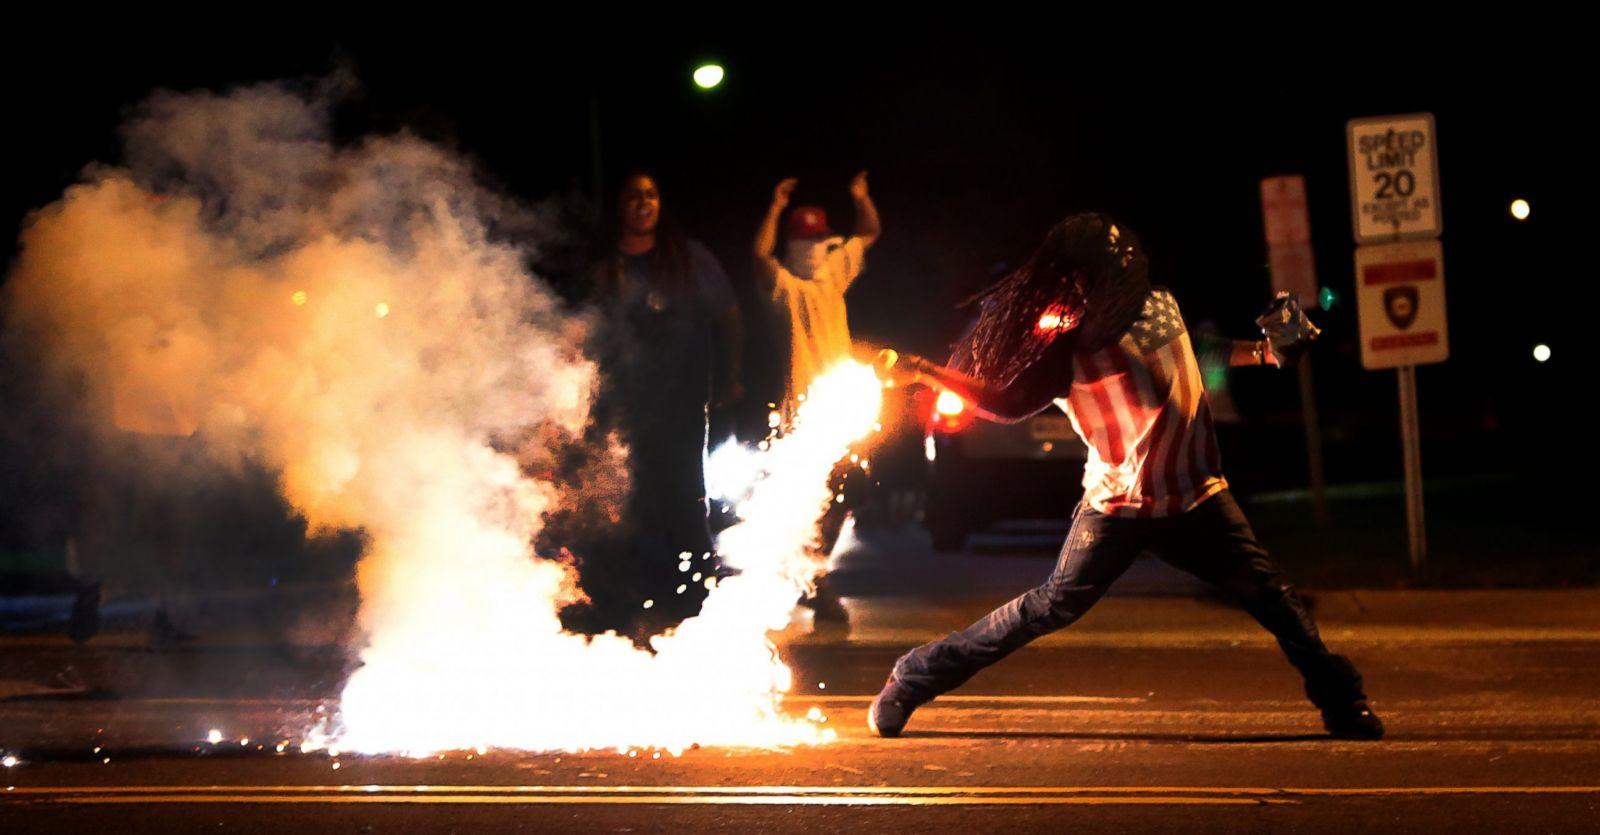 Un manifestante arroja un contenedor de gas lacrimógeno durante una protesta por la muerte a tiros de Michael Brown, el 13 de agosto de 2014, en St. Louis, Missouri. Fotografía: Robert Cohen/St. Louis Post-Dispatch/AP Photo